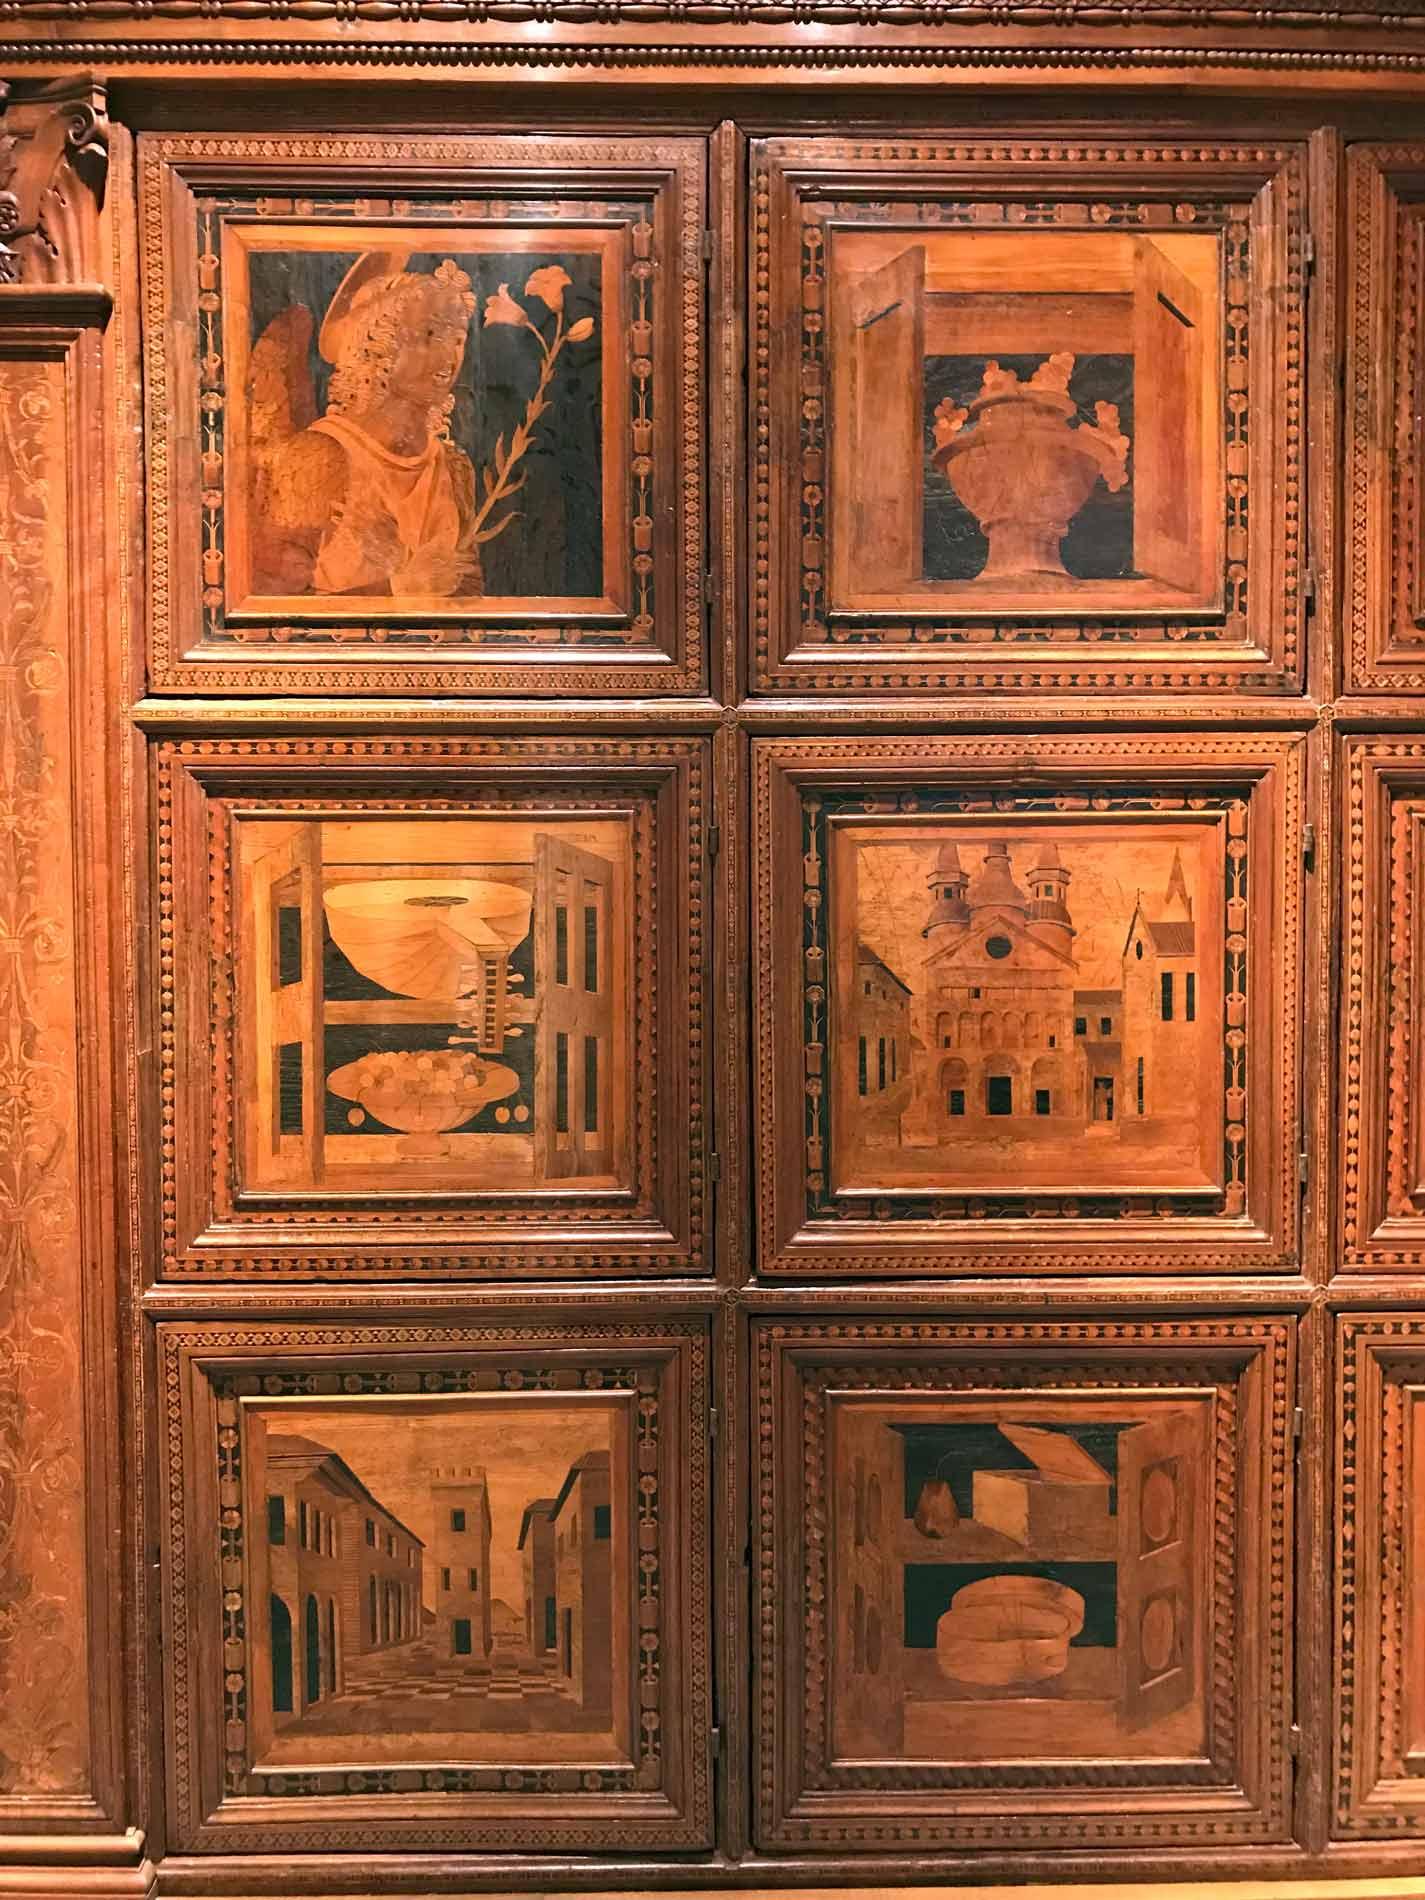 Museo-civico-ala-ponzone-cremona-cassapanca-legno-intersiato-platina